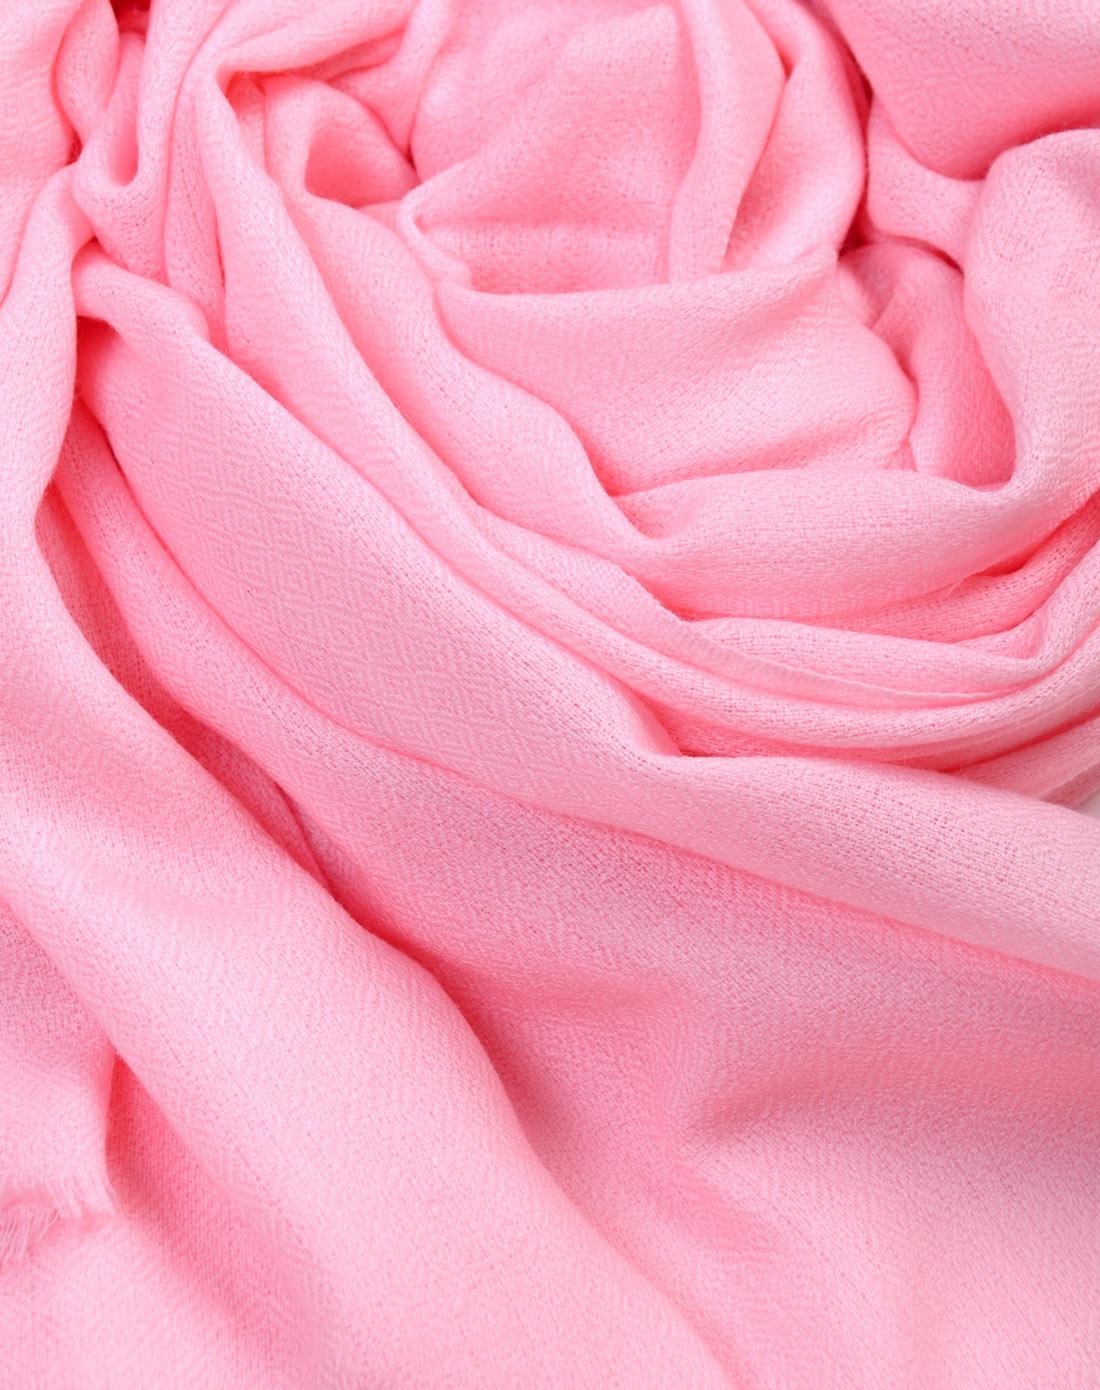 饰典sidi冬季围巾专场女款纯色钻石纹羊毛大披肩粉色